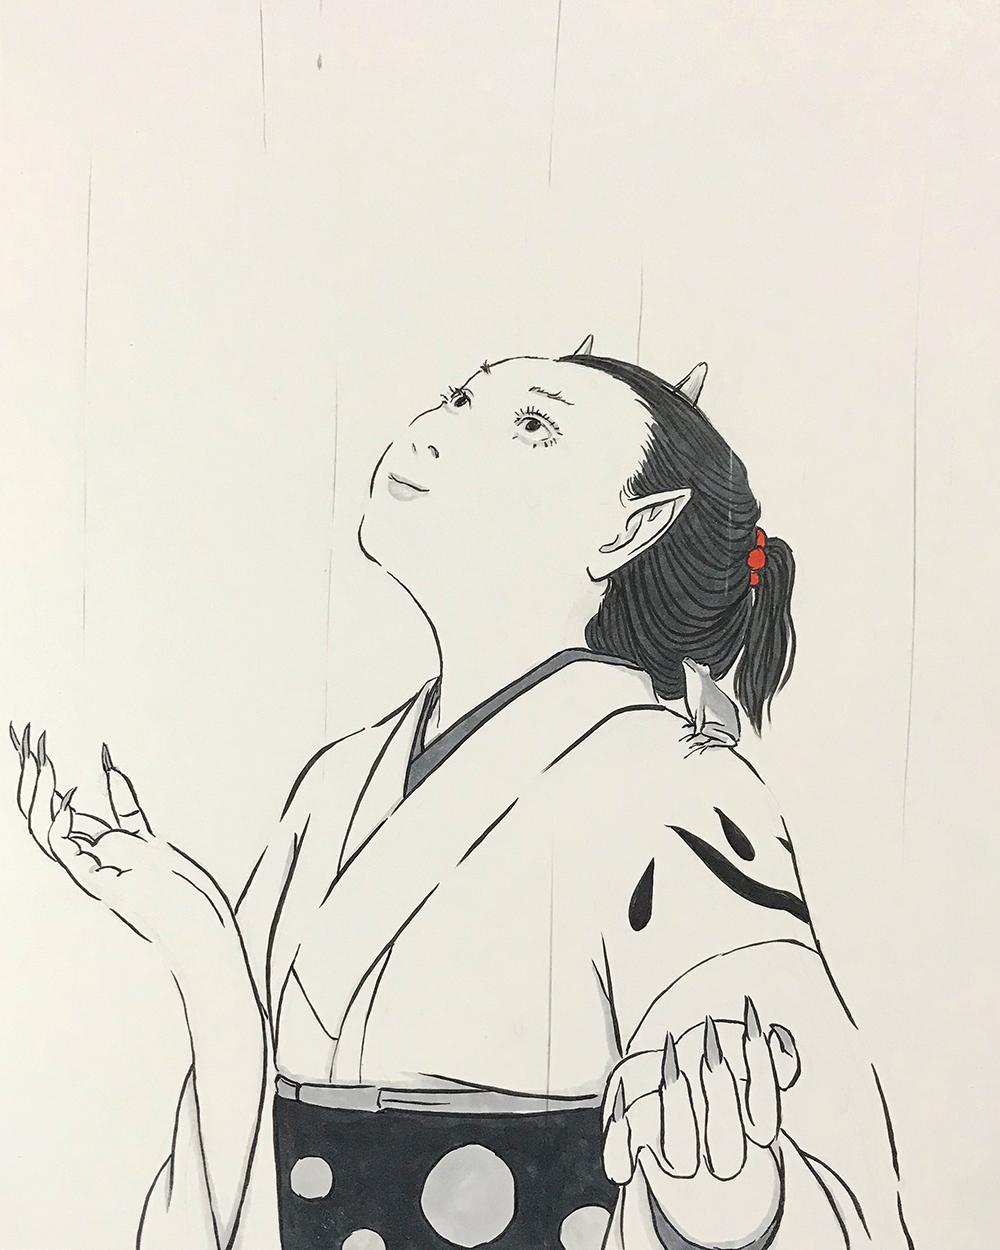 雨の中の鬼嫁(と蛙のおじさん) ONI